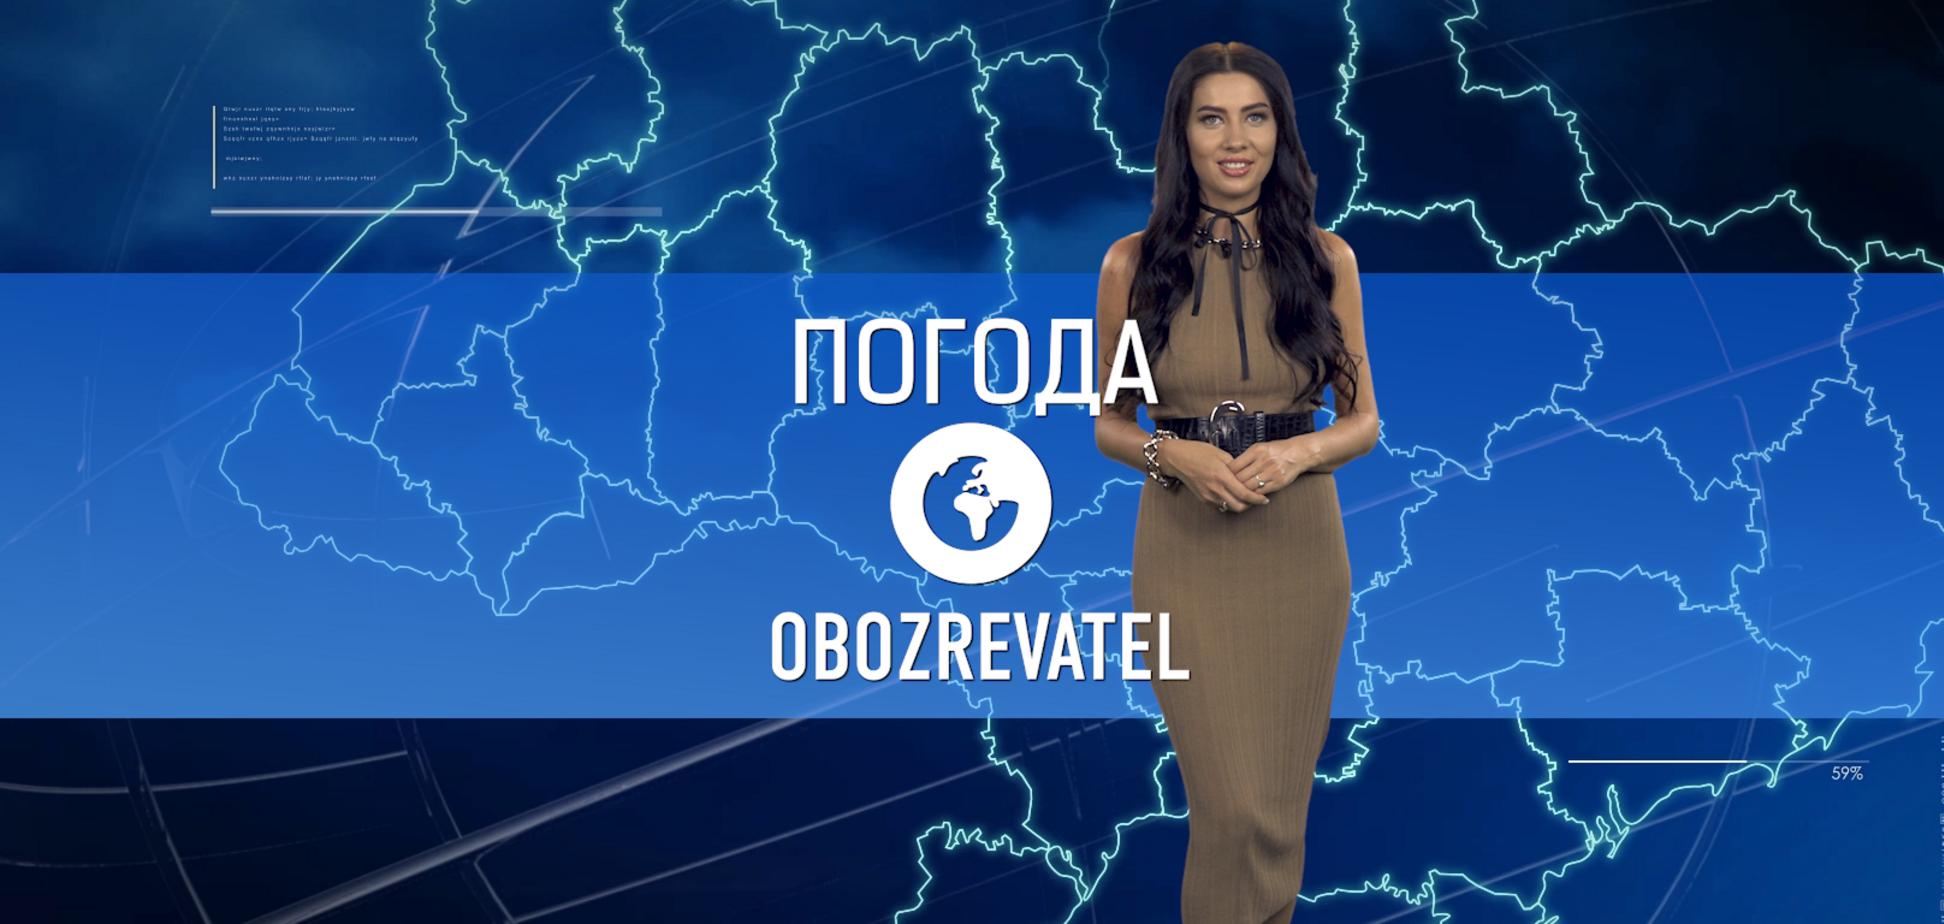 Прогноз погоды в Украине на субботу, 19 июня, с Алисой Мярковской